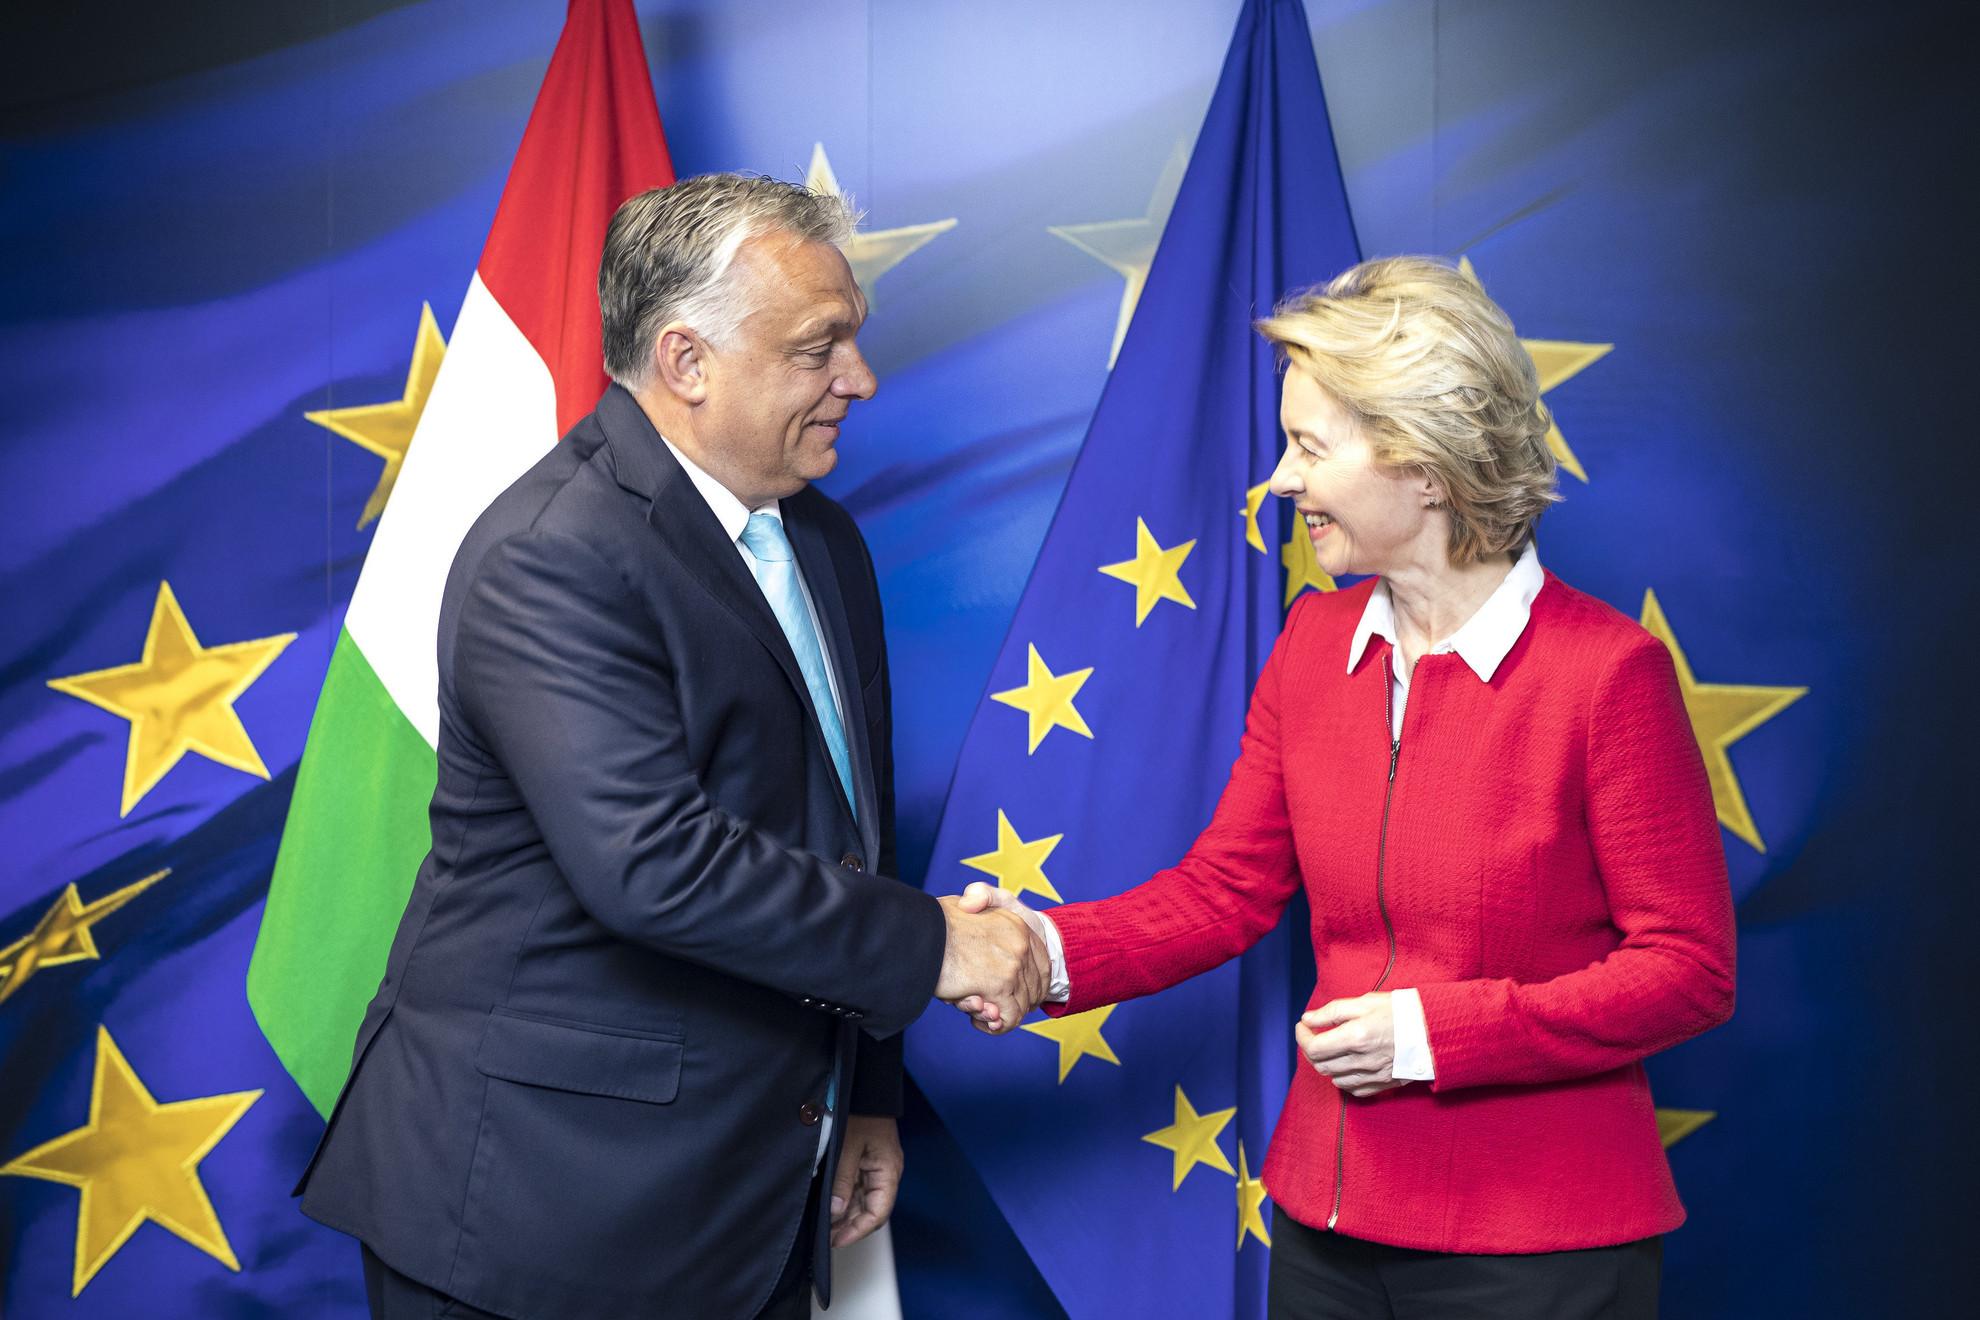 A Miniszterelnöki Sajtóiroda által közreadott képen Orbán Viktor miniszterelnök és Ursula von der Leyen, az Európai Bizottság új elnökének találkozója Brüsszelben 2019. augusztus 1-jén